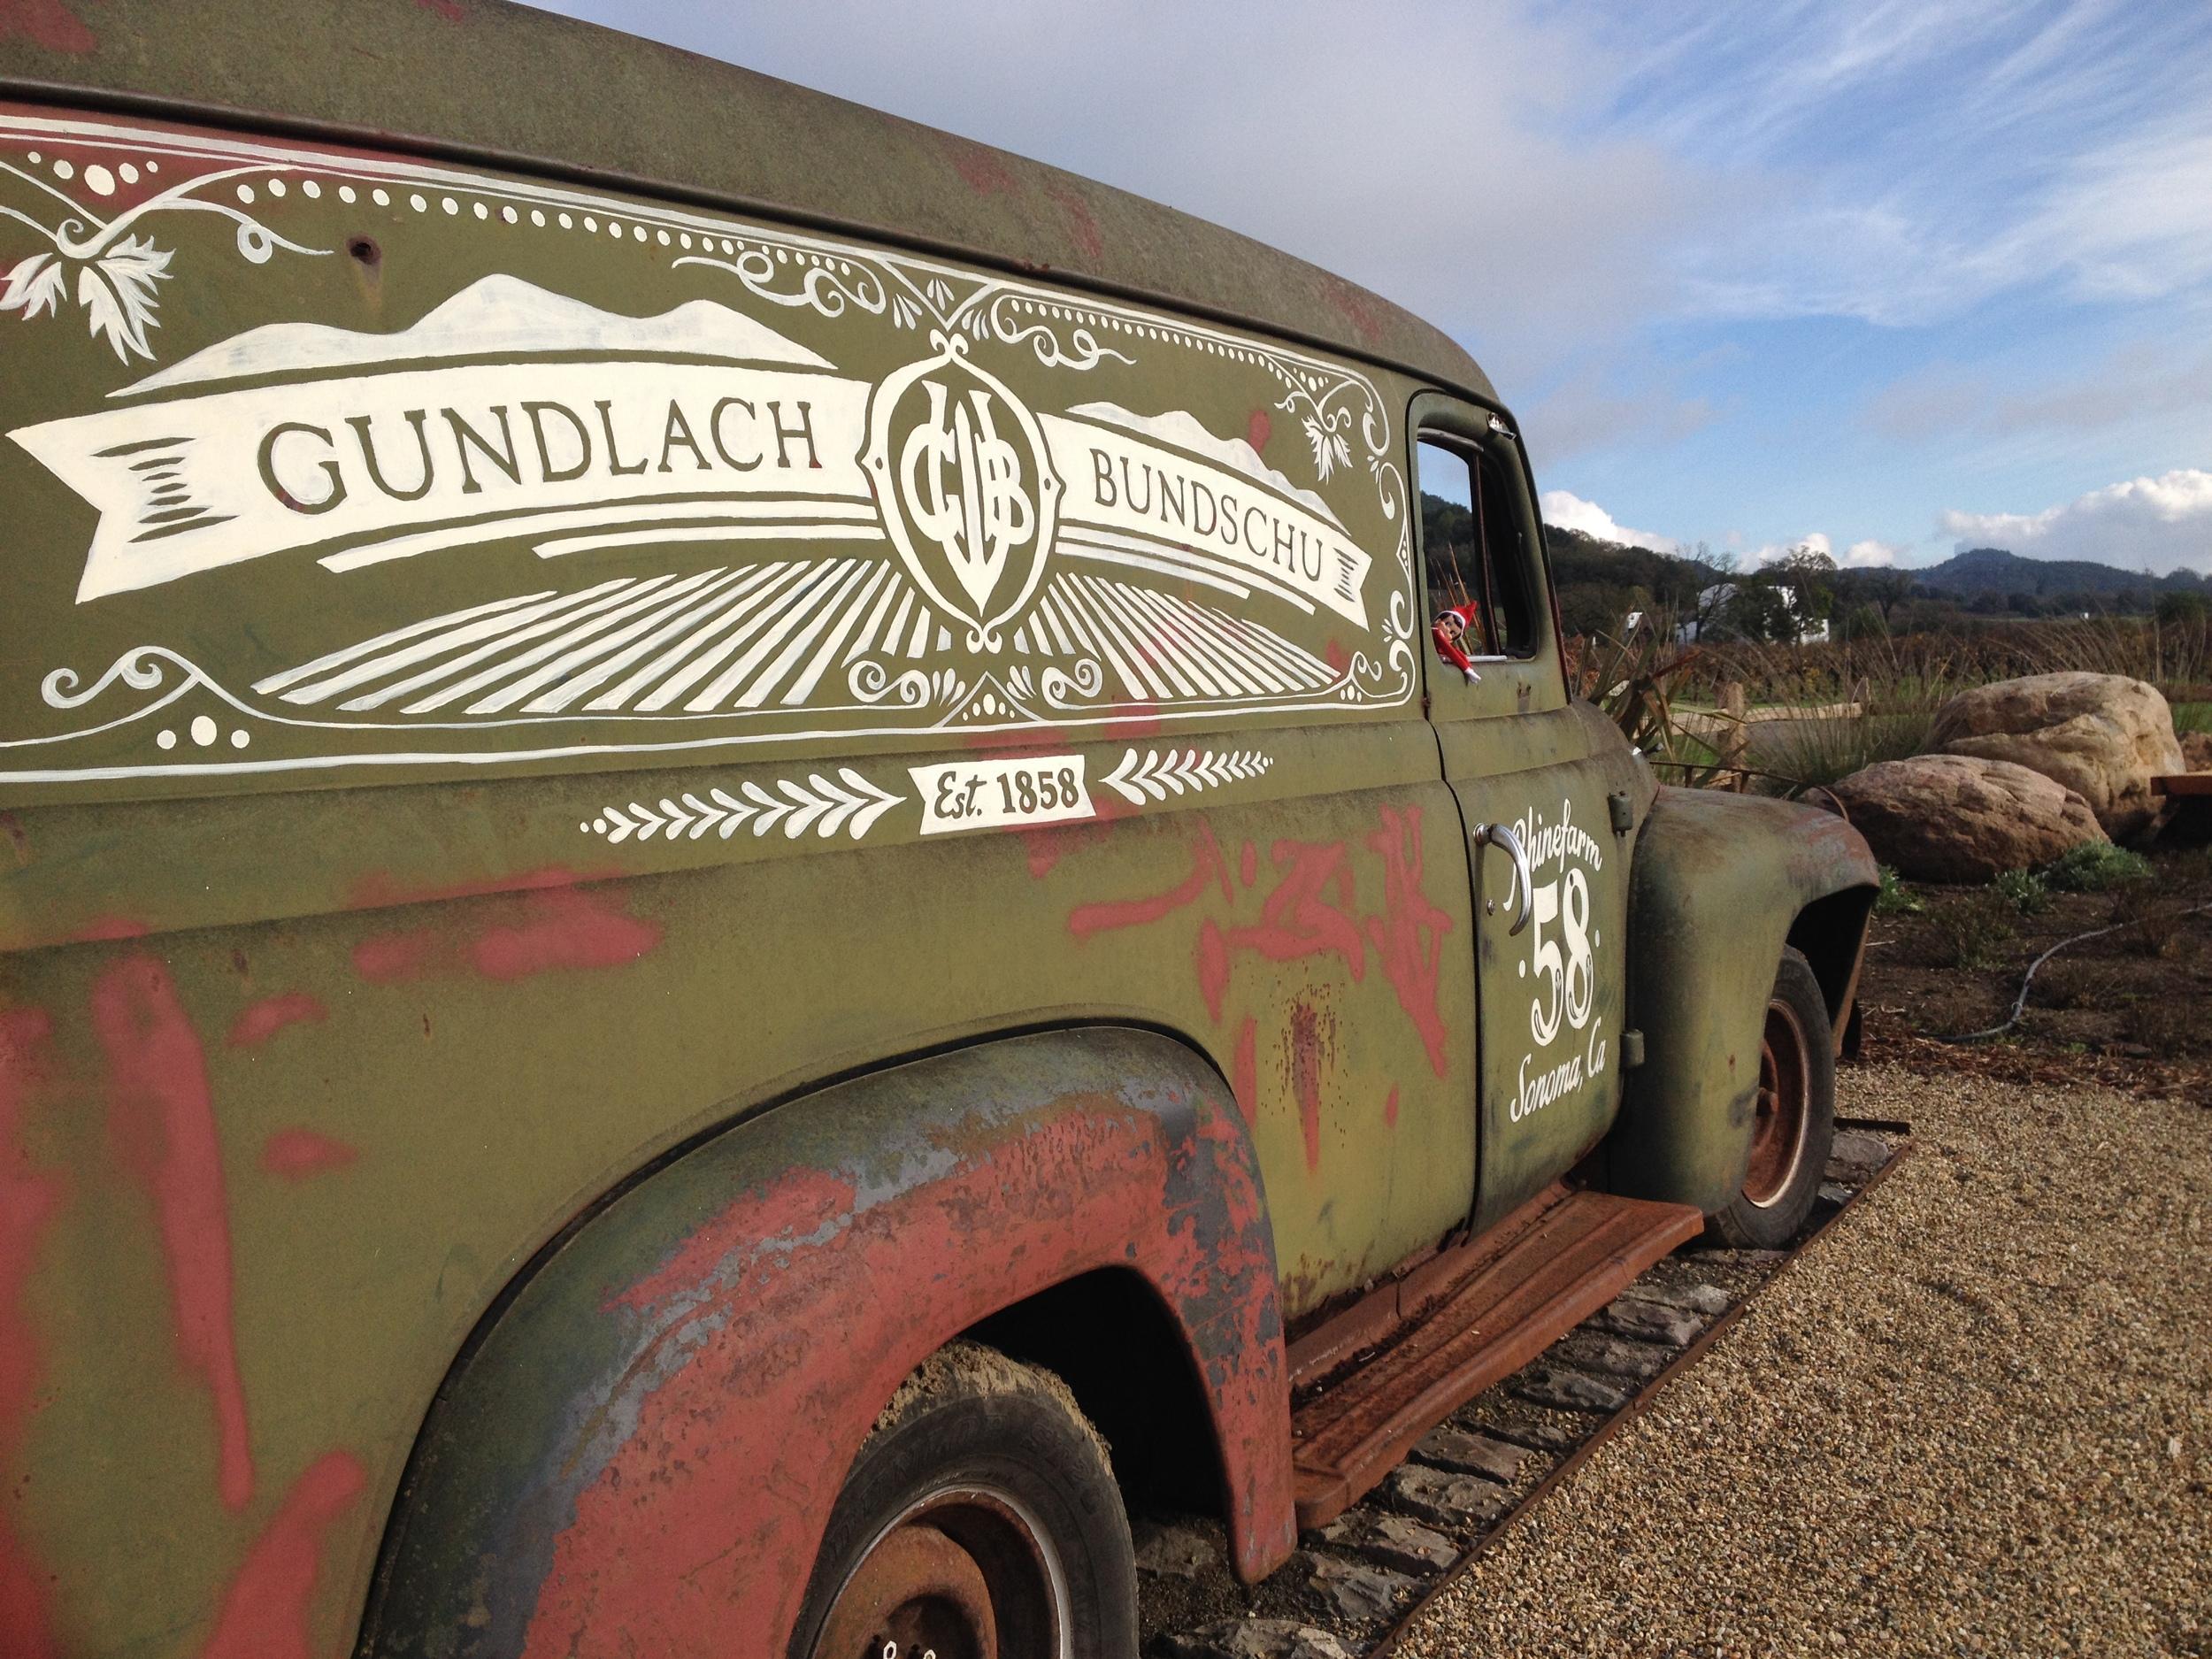 Gundlach Bundschu truck.jpeg